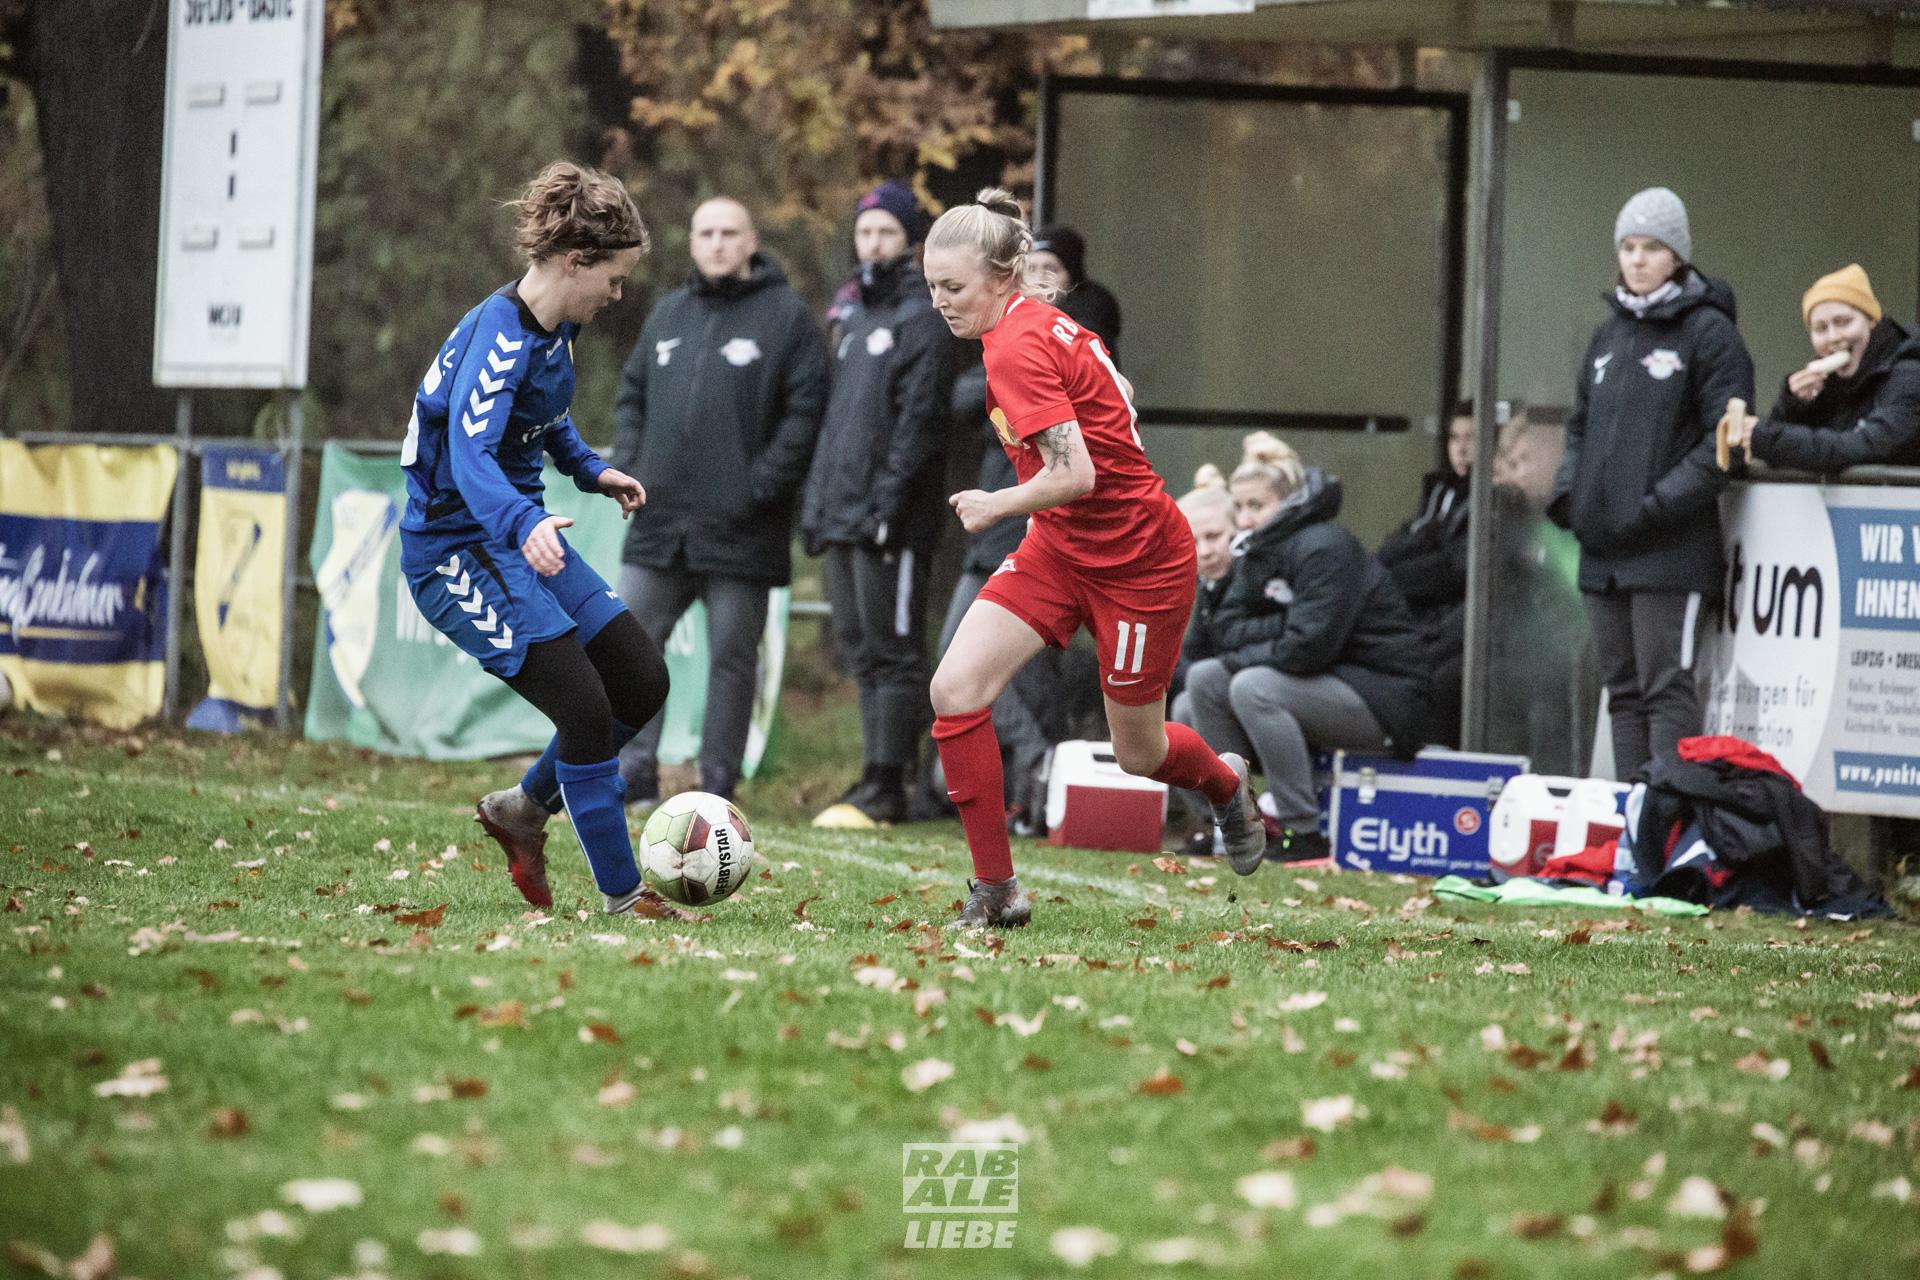 Landespokal Frauen: SG LVB -vs- RB Leipzig